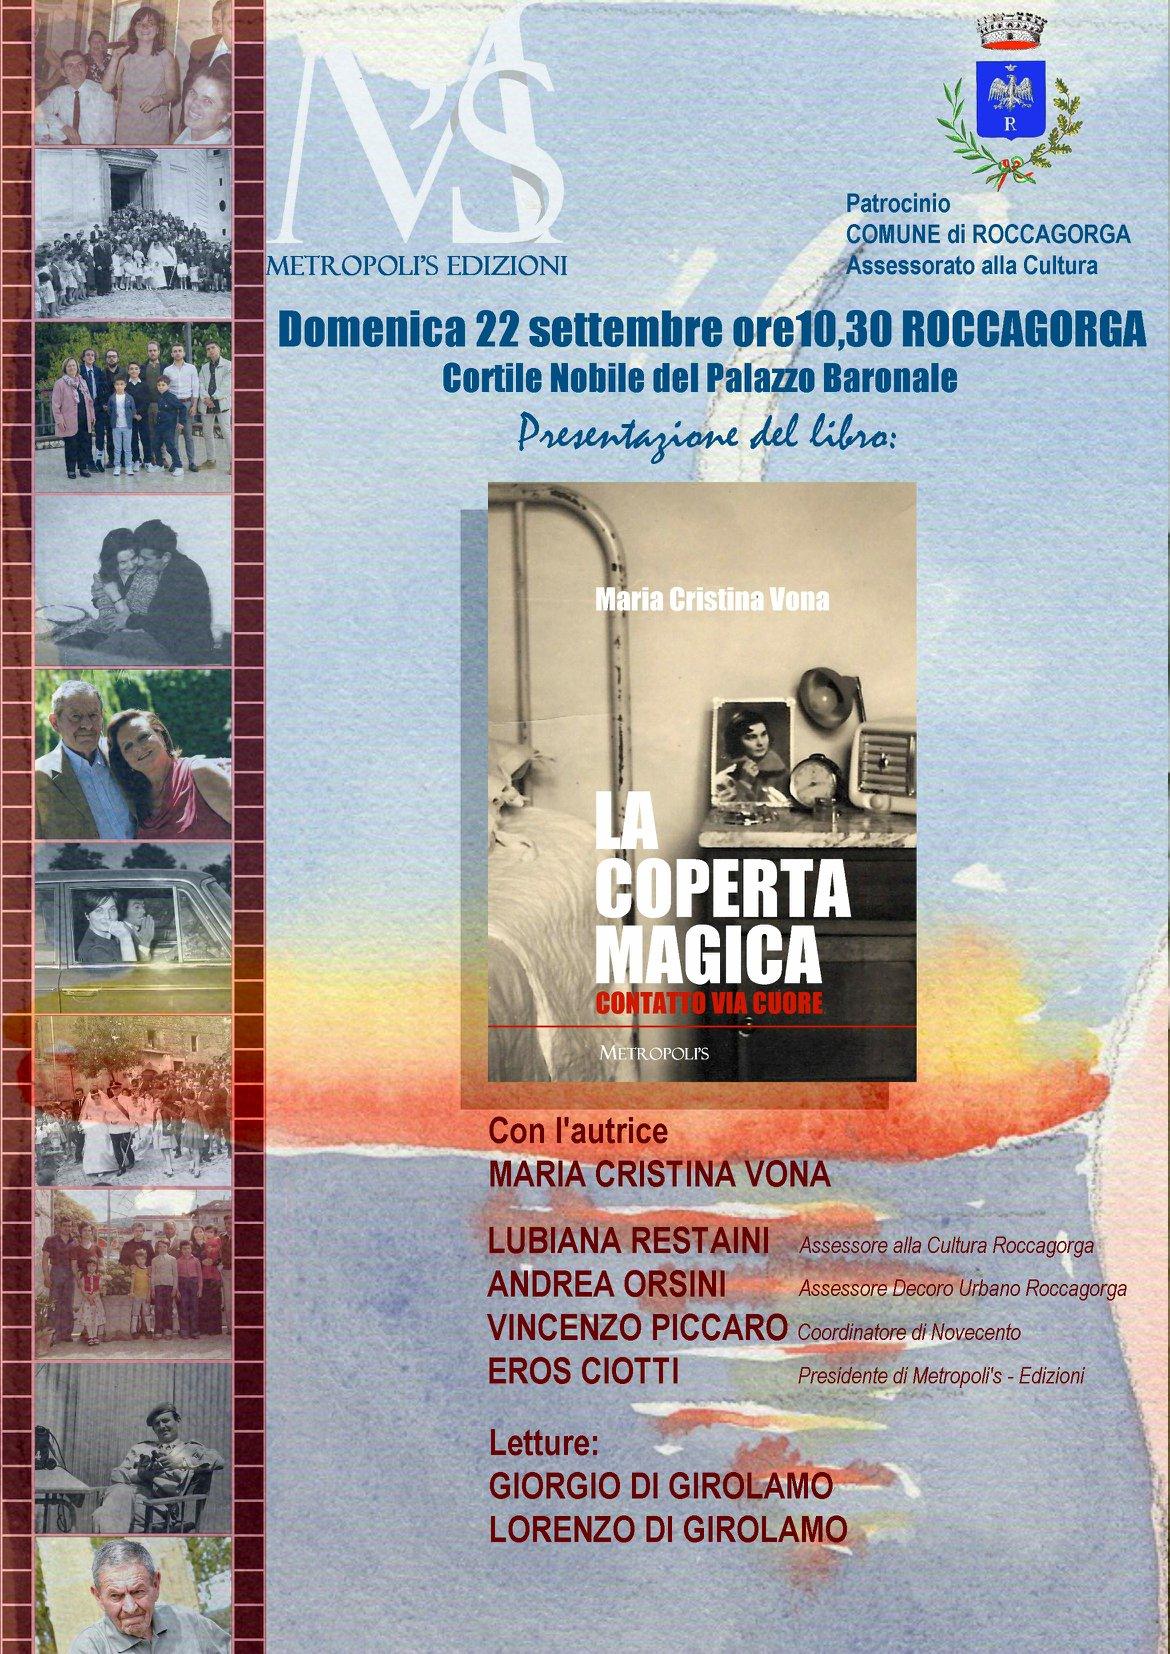 Roccagorga: Presentazione libro @ Cortile nobile del palazzo baronale | Roccagorga | Lazio | Italia